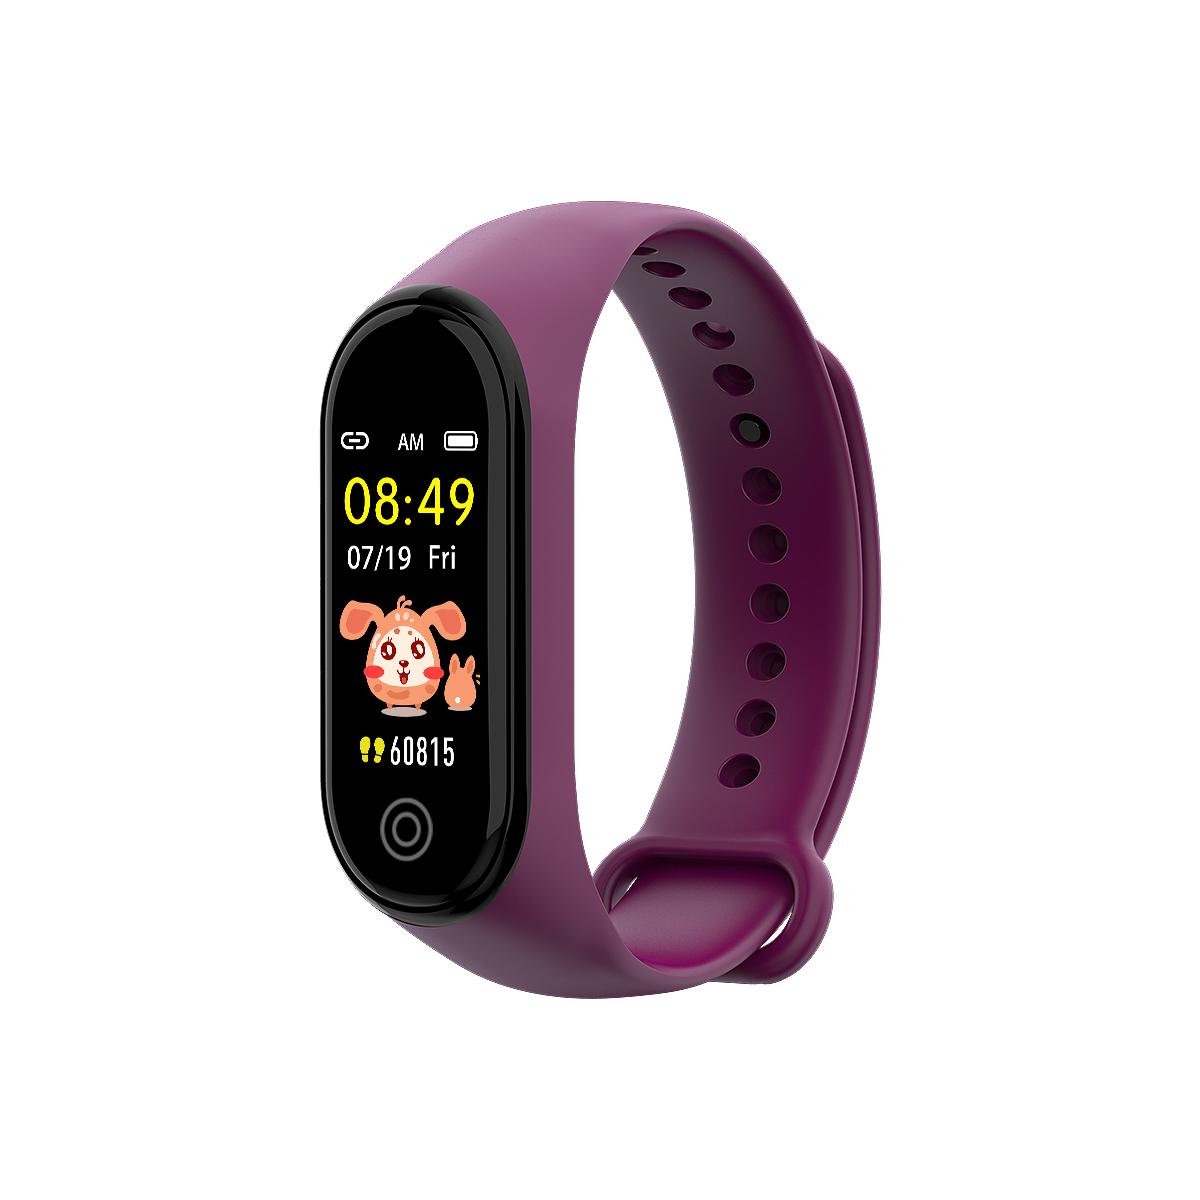 New RD05 Bracelet Smart Watch Fitness Tracking Sports Bracelet Heart Rate Blood Pressure Smart Bracelet Health Monitor purple